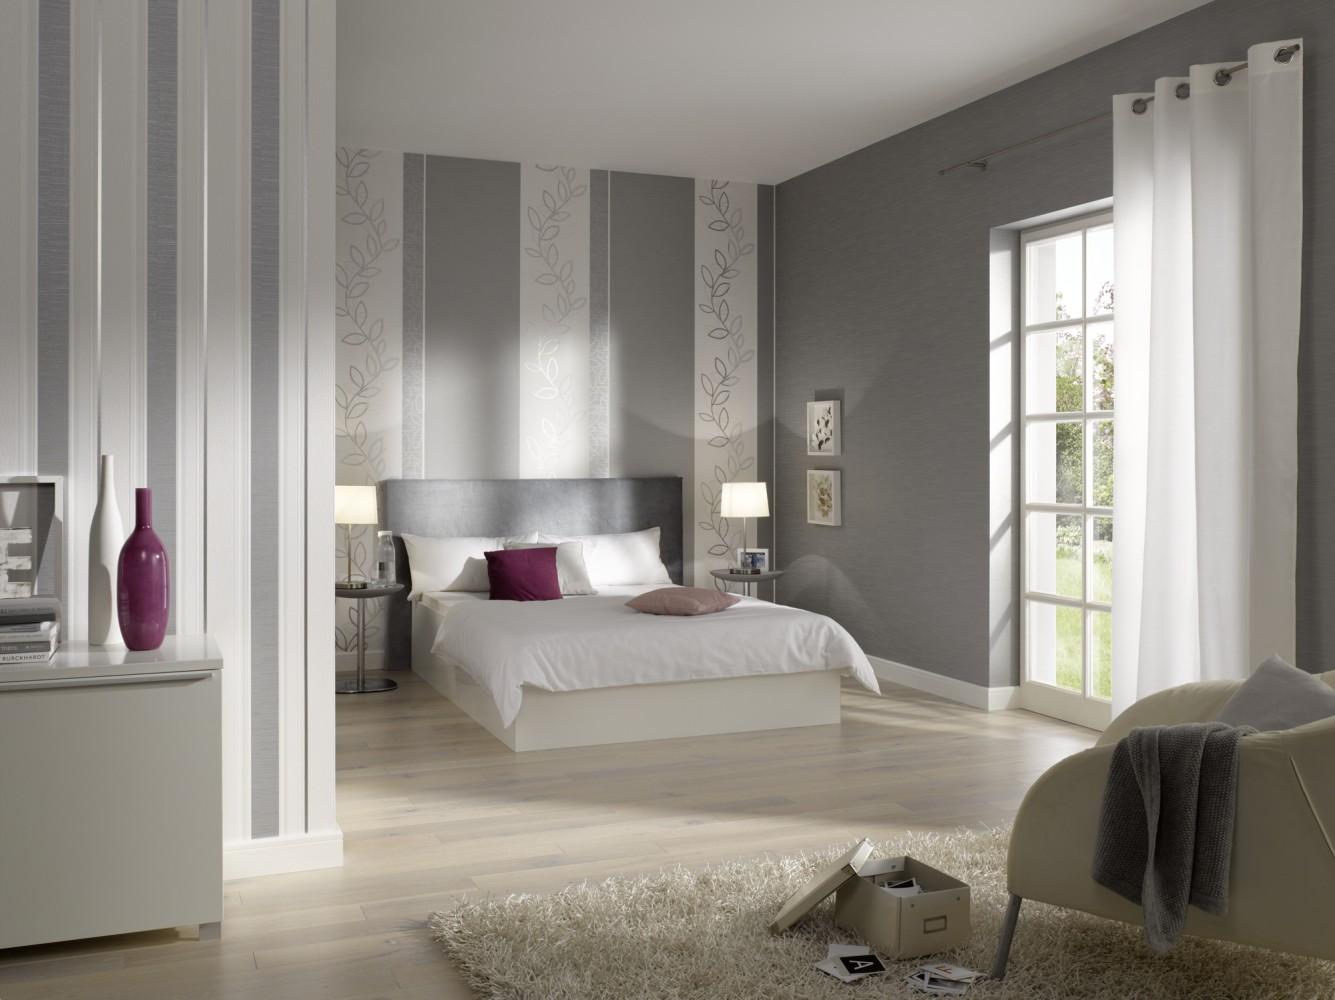 Wohnzimmer ideen wandgestaltung streifen: moderne wandfarben ideen ...